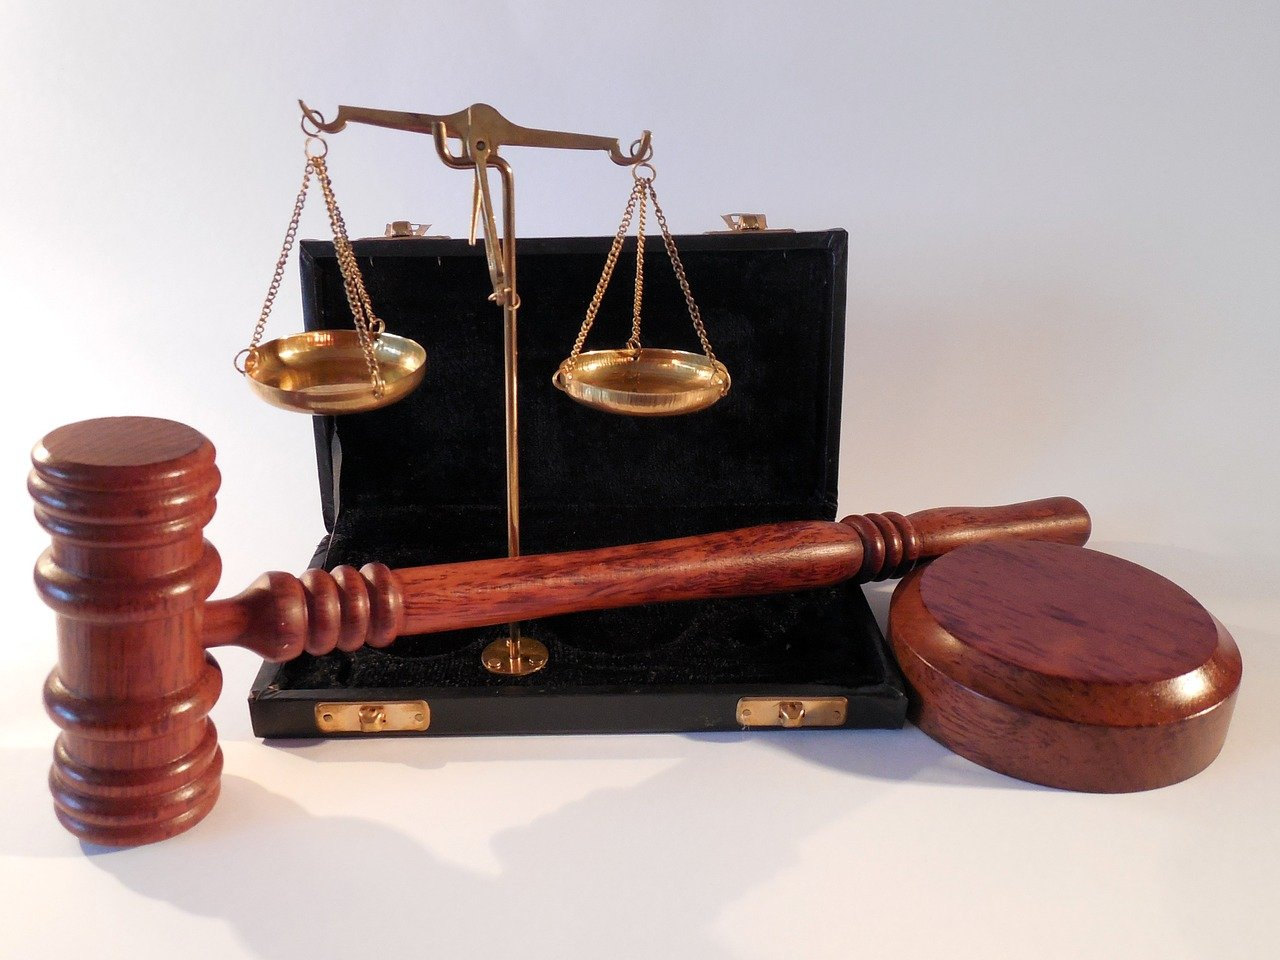 Приговоренному к колонии экс-директору департамента архитектуры Краснодара не придется отбывать наказание